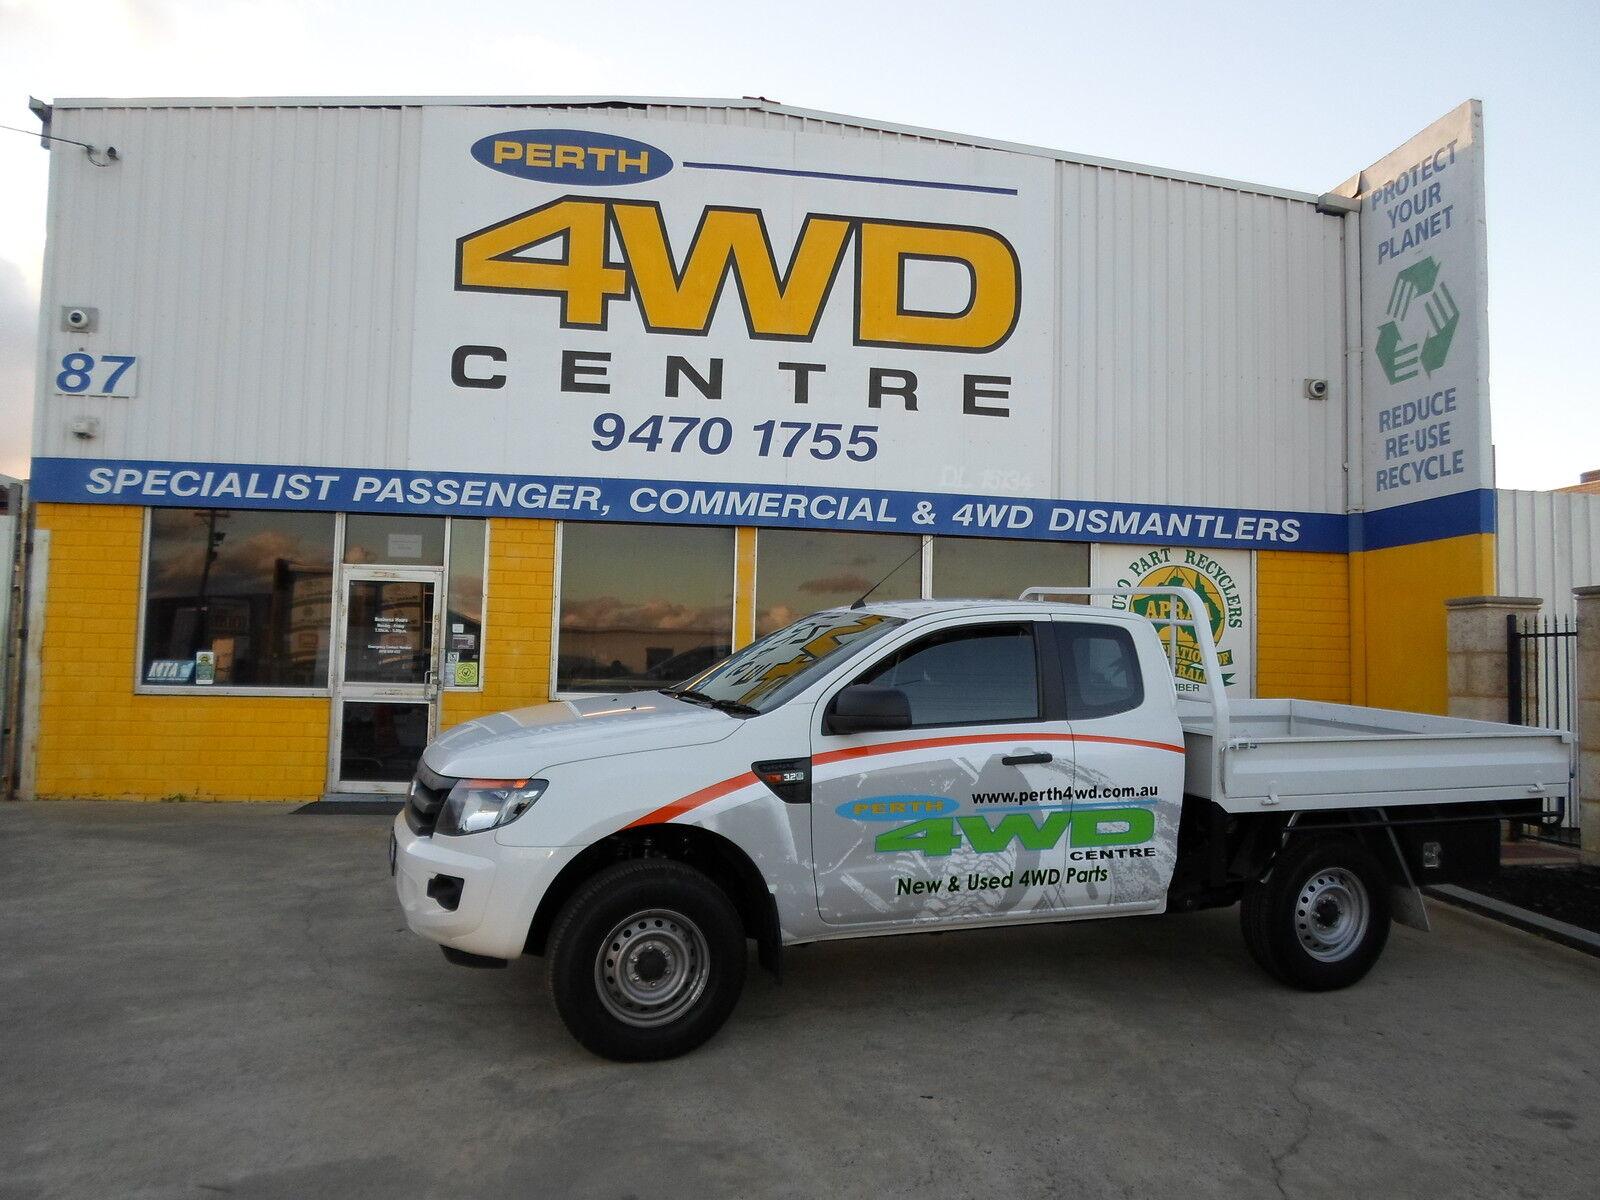 PERTH 4WD CENTRE